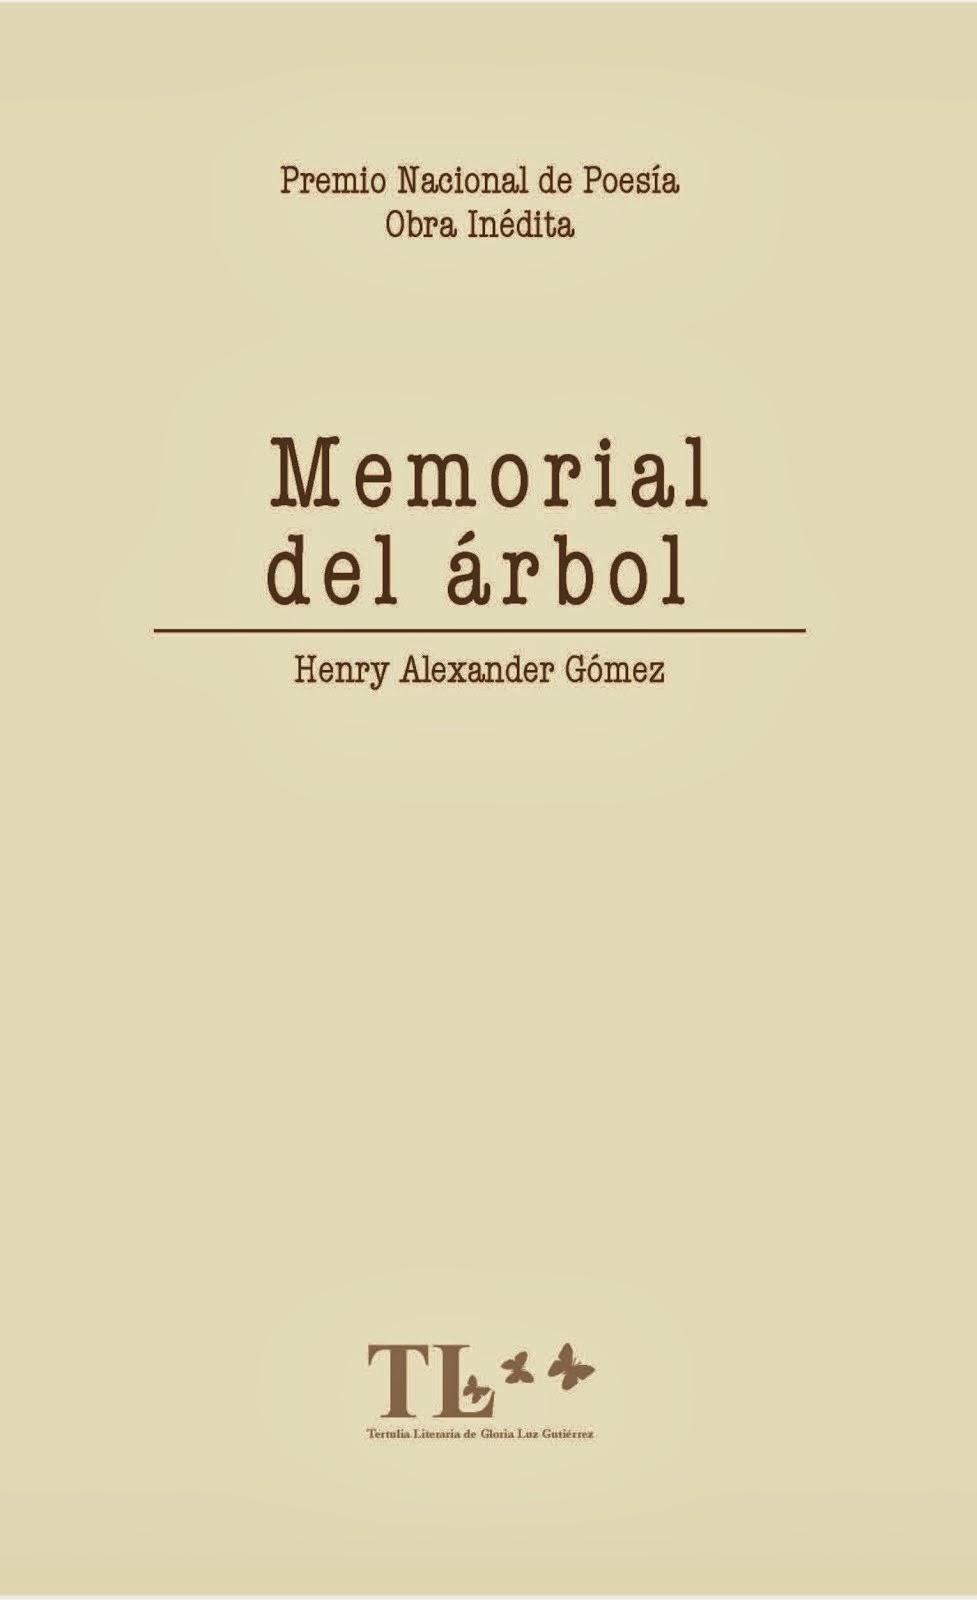 """Poemas del libro """"Memorial del árbol"""""""